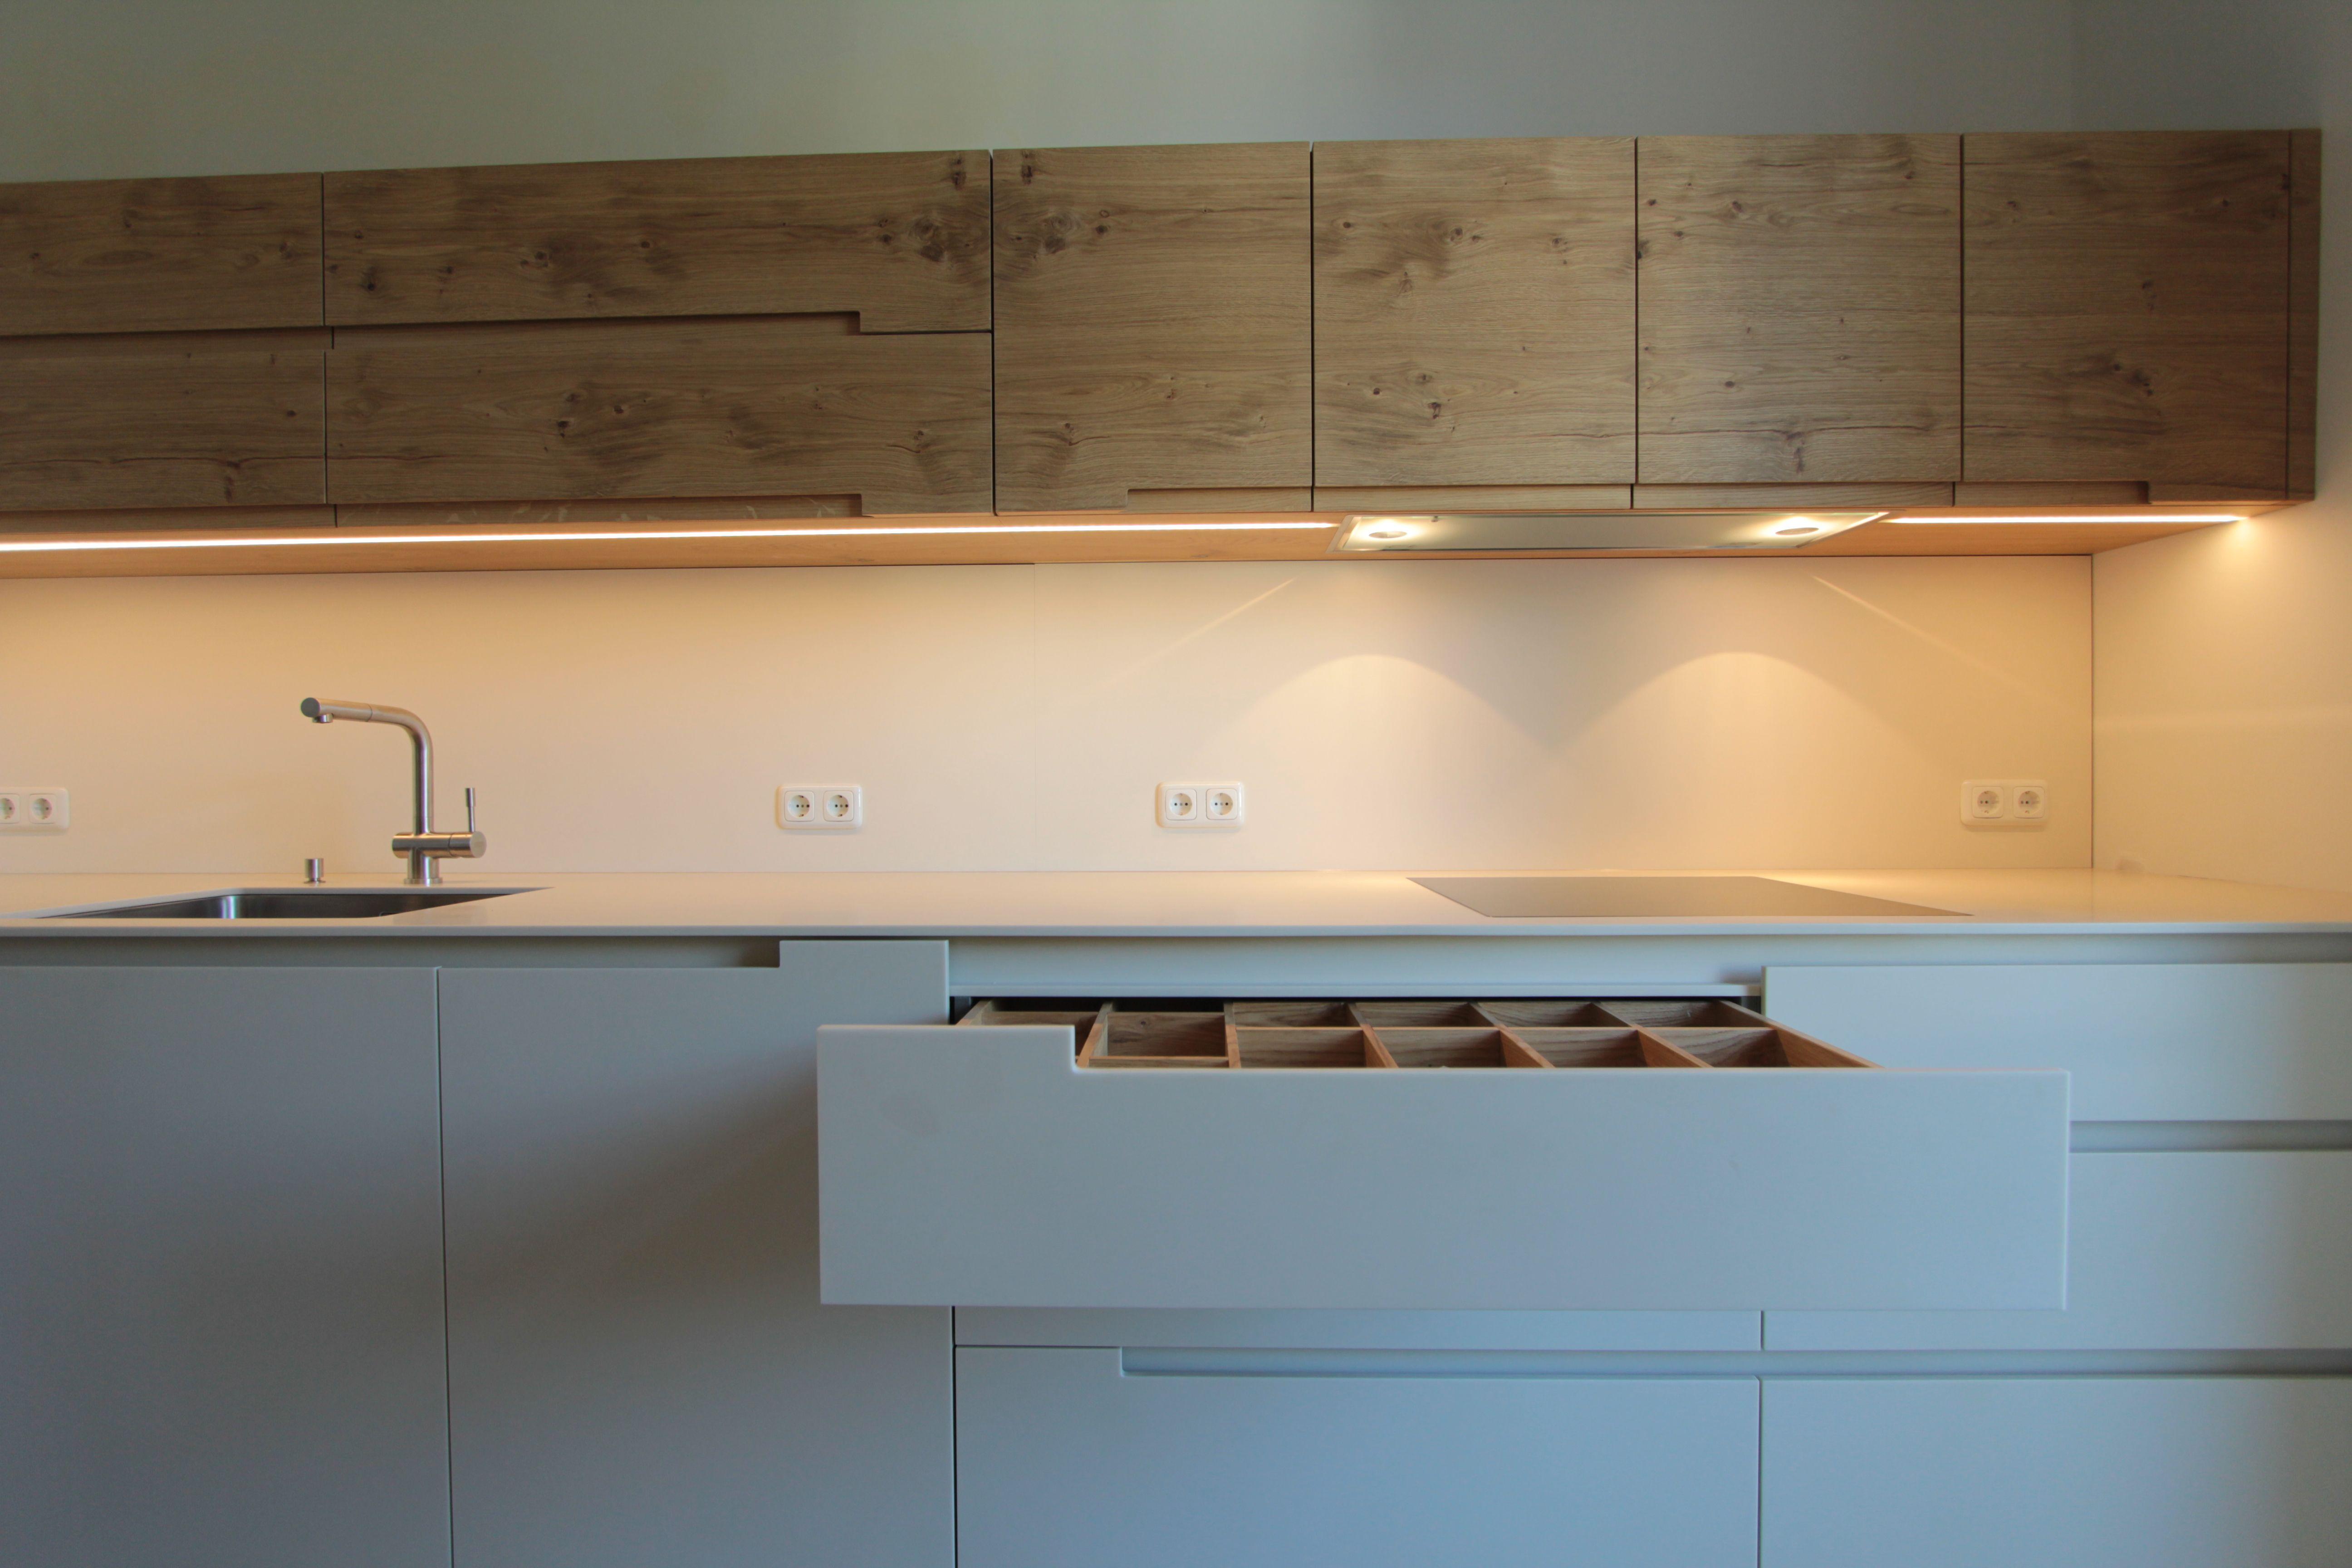 k che in m nchen indirekte beleuchtung mineralwerkstoff wildeiche griffmulden mfg. Black Bedroom Furniture Sets. Home Design Ideas